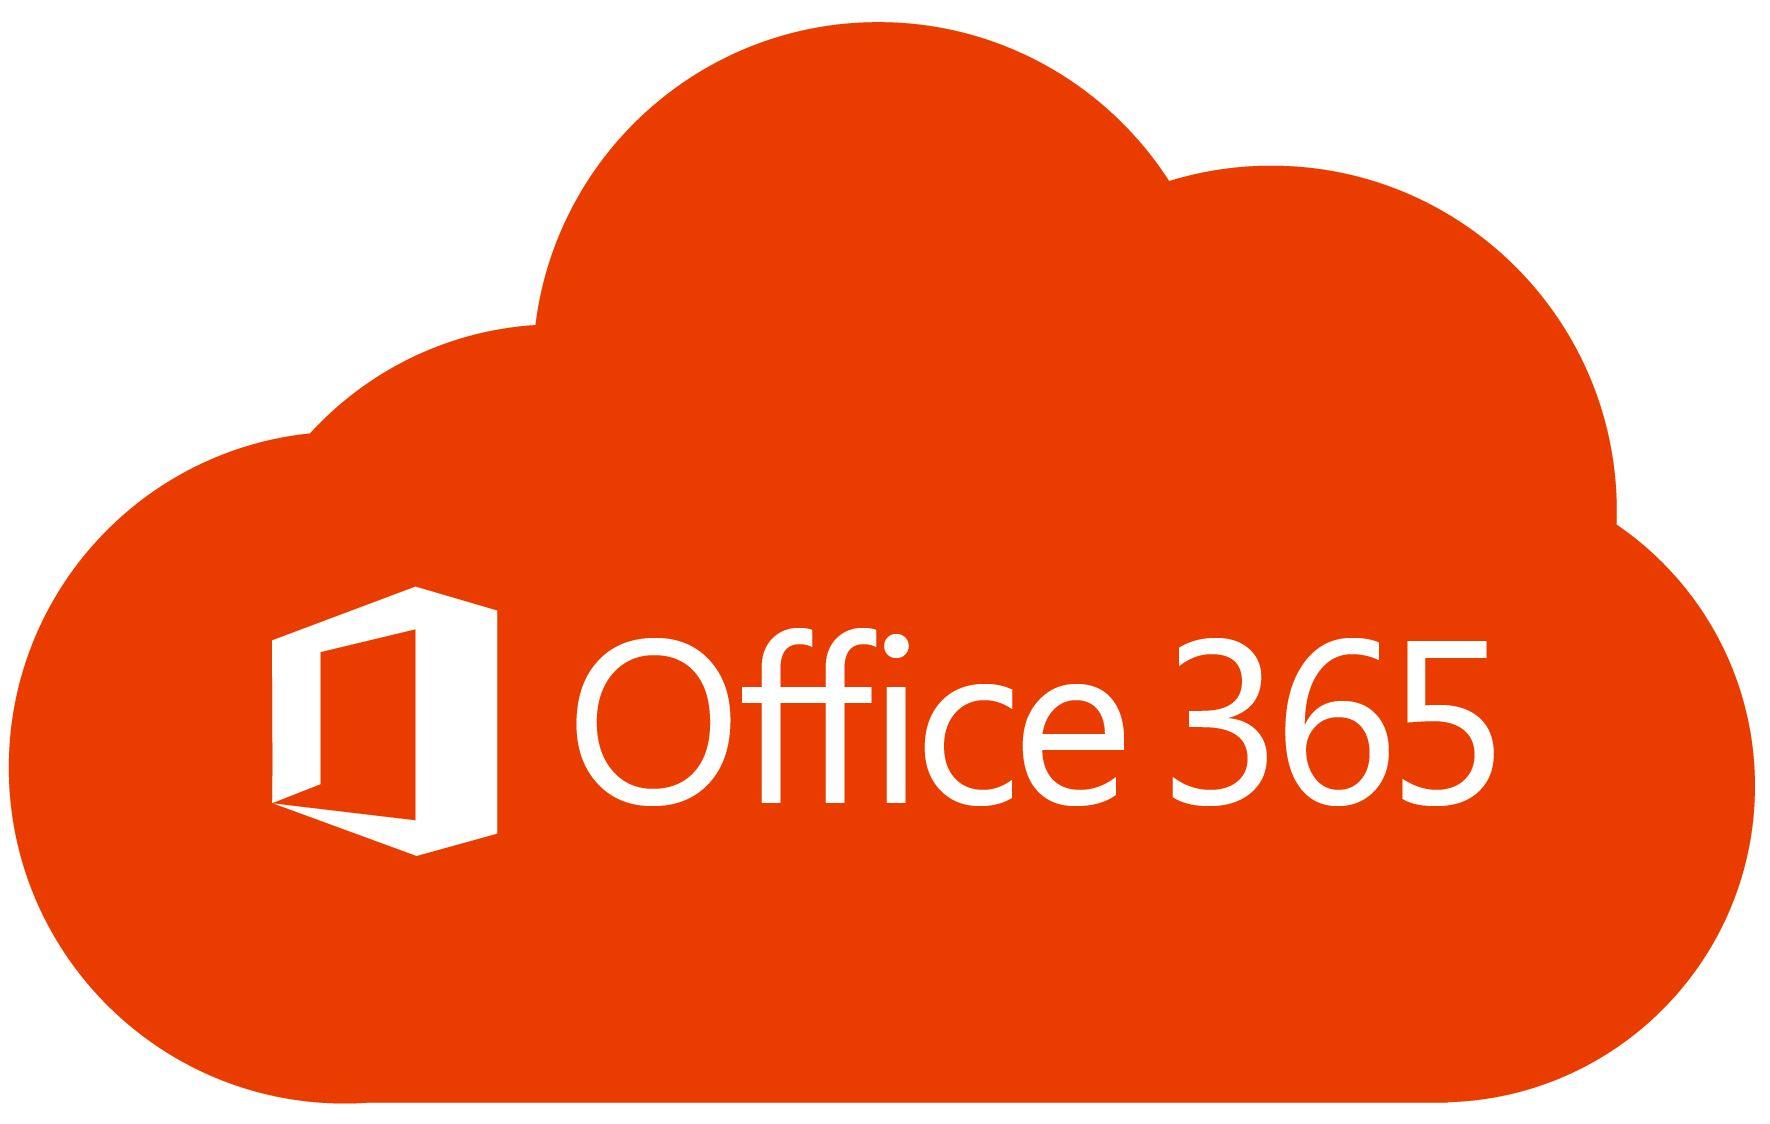 Office365 Services in Dubai, UAE